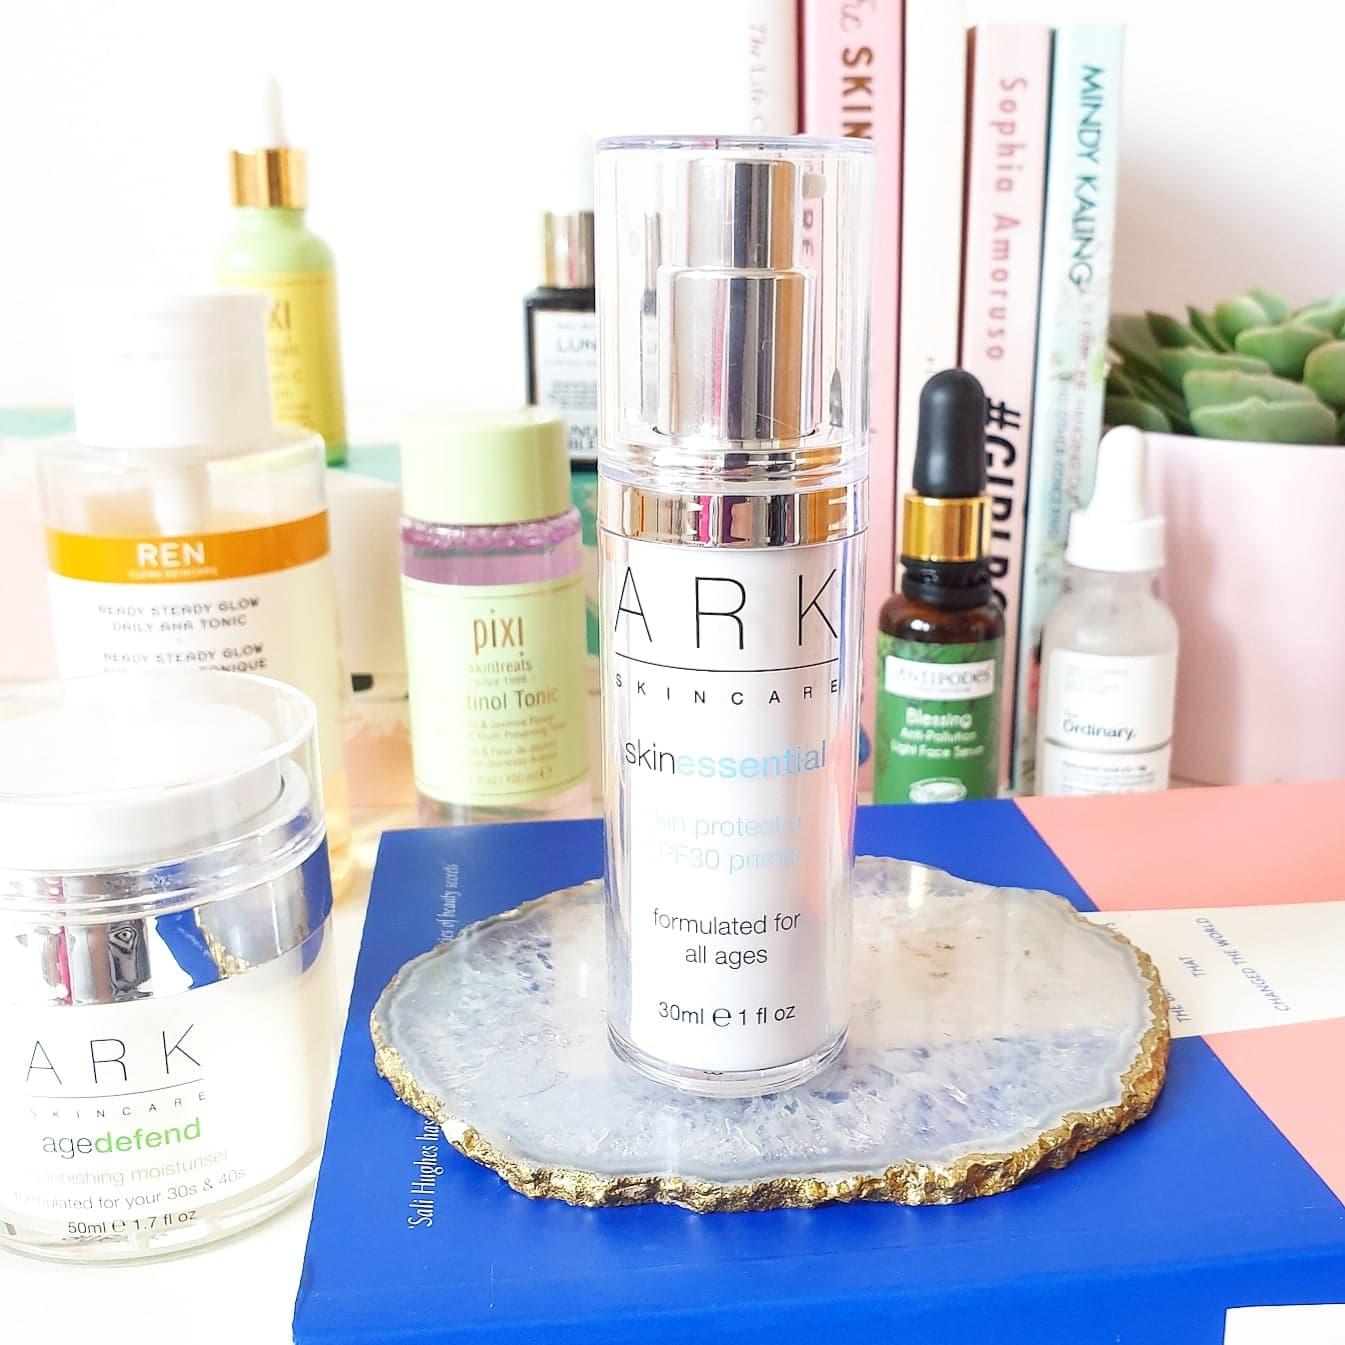 ARK Skincare Skin Protector SPF 30 Primer